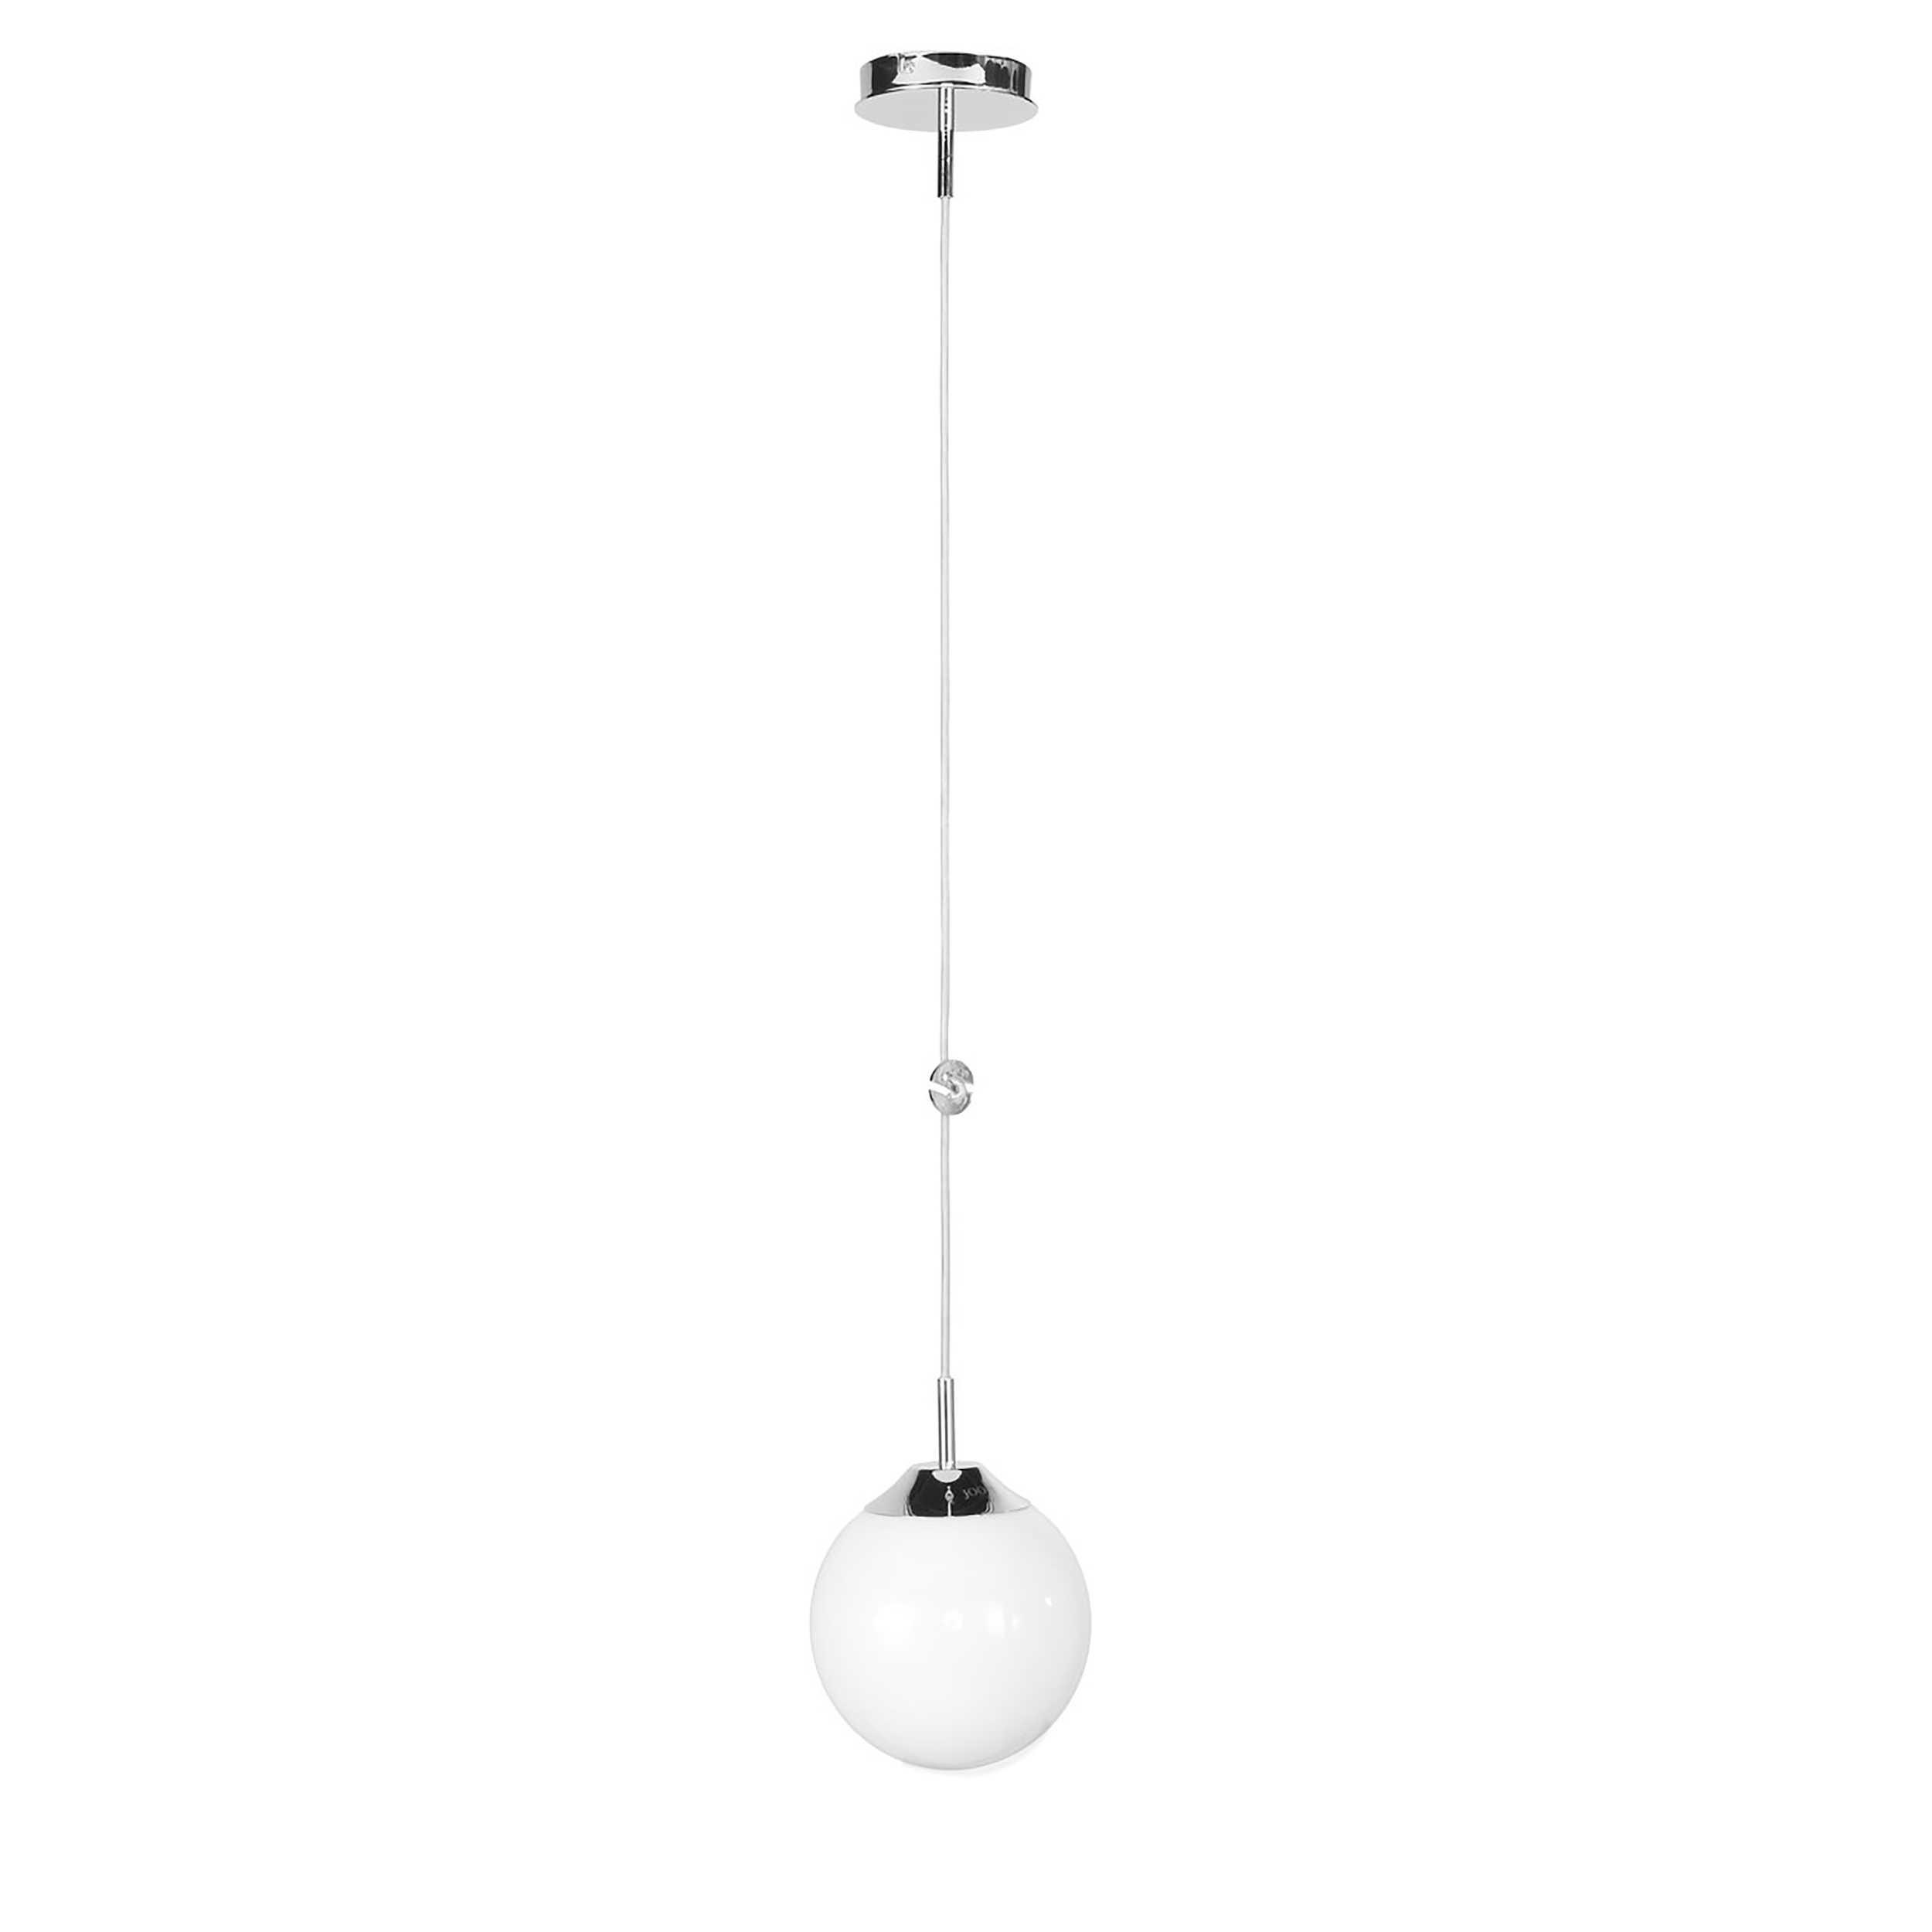 joop pendelleuchte bowl a chrom alu eisen stahl metall 20 cm online kaufen bei woonio. Black Bedroom Furniture Sets. Home Design Ideas